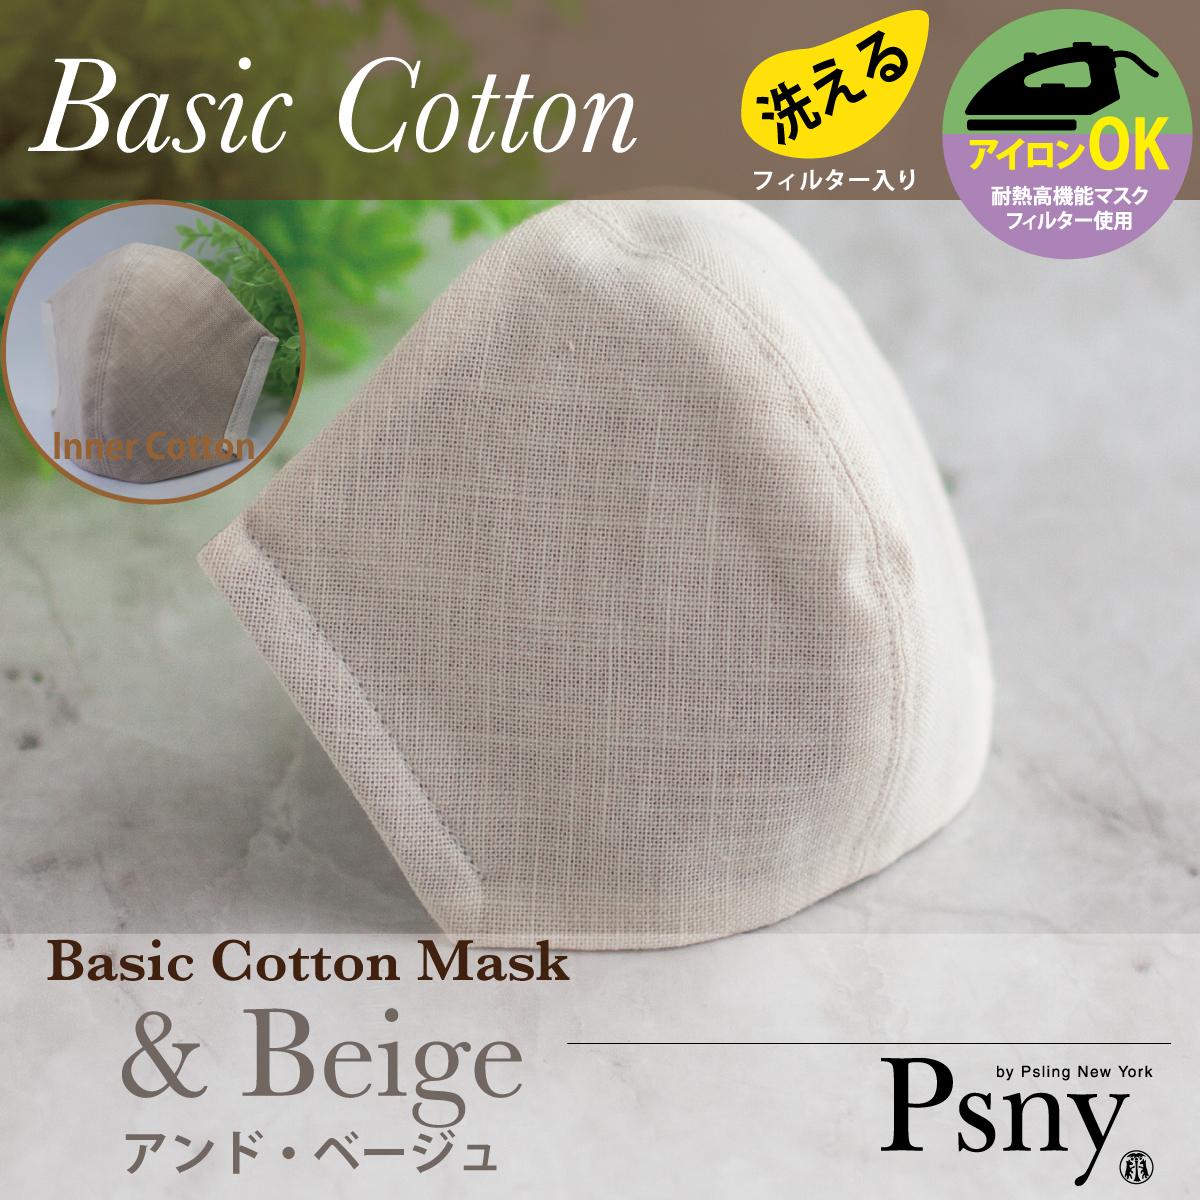 コットン・オフホワイト(&ベージュ) 花粉・黄砂 フィルター入り 立体マスク 大人用 リバーシブル 抗菌 防臭